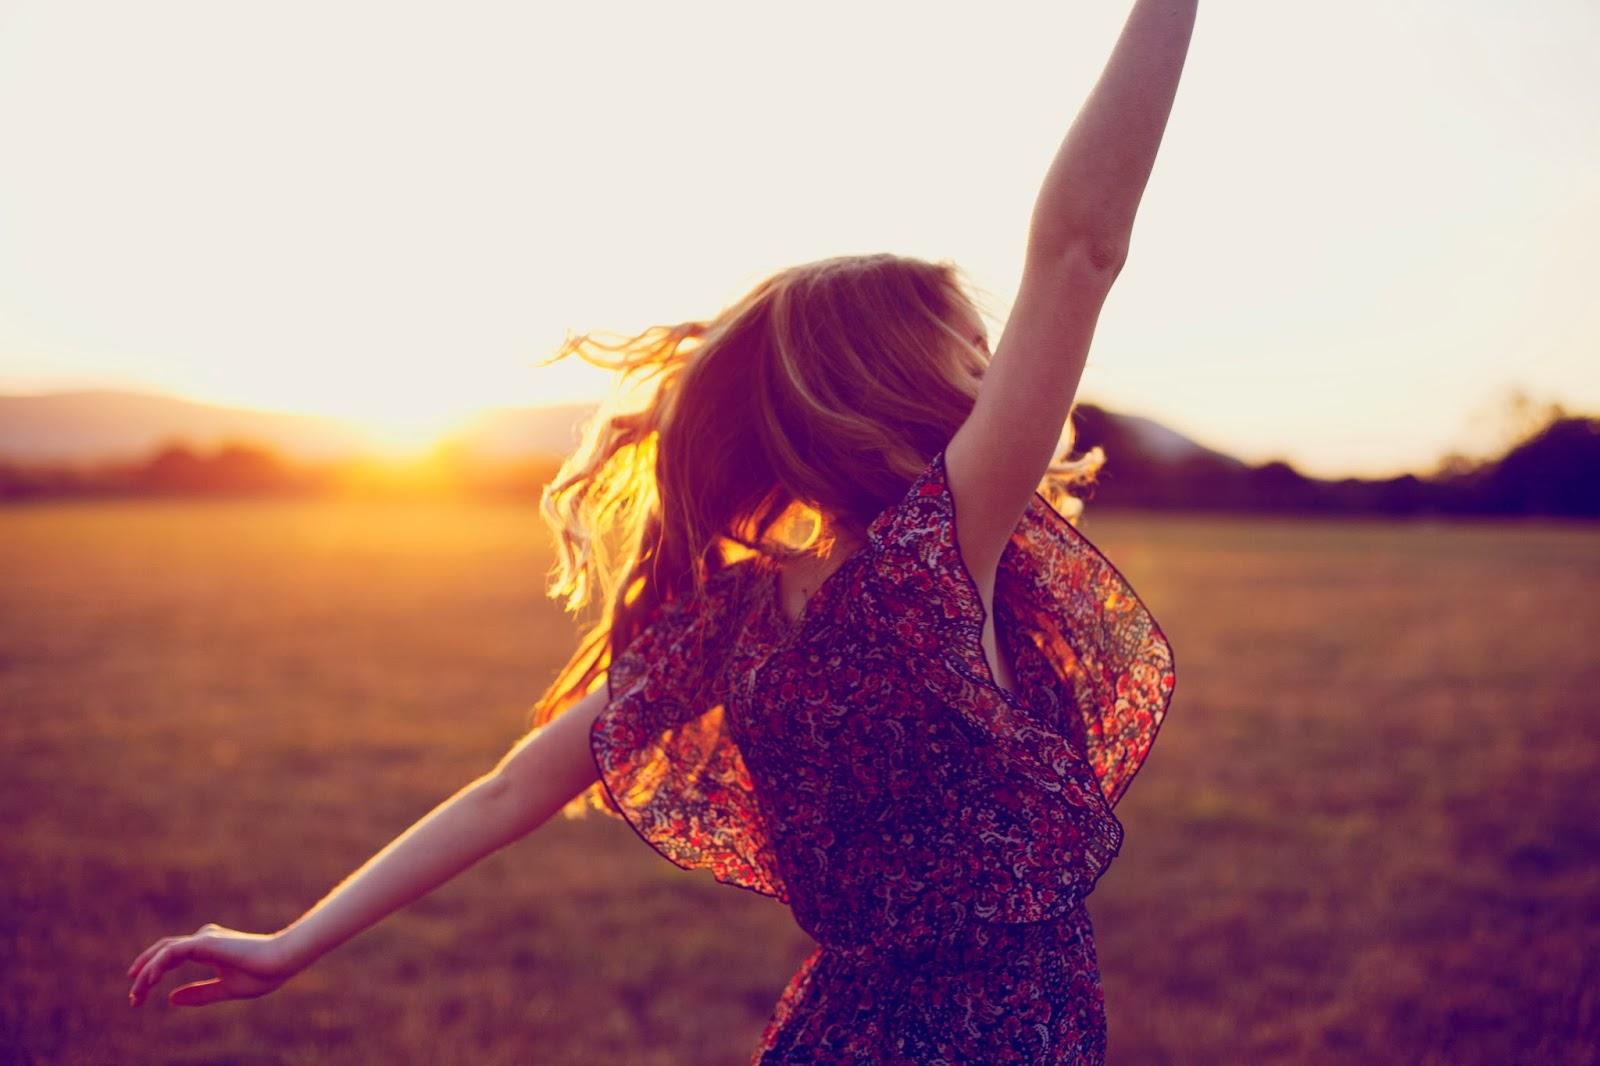 Desenvolver o terapeuta em nós com Karuna nível 2 – O Tratamento Amoroso e Compassivo